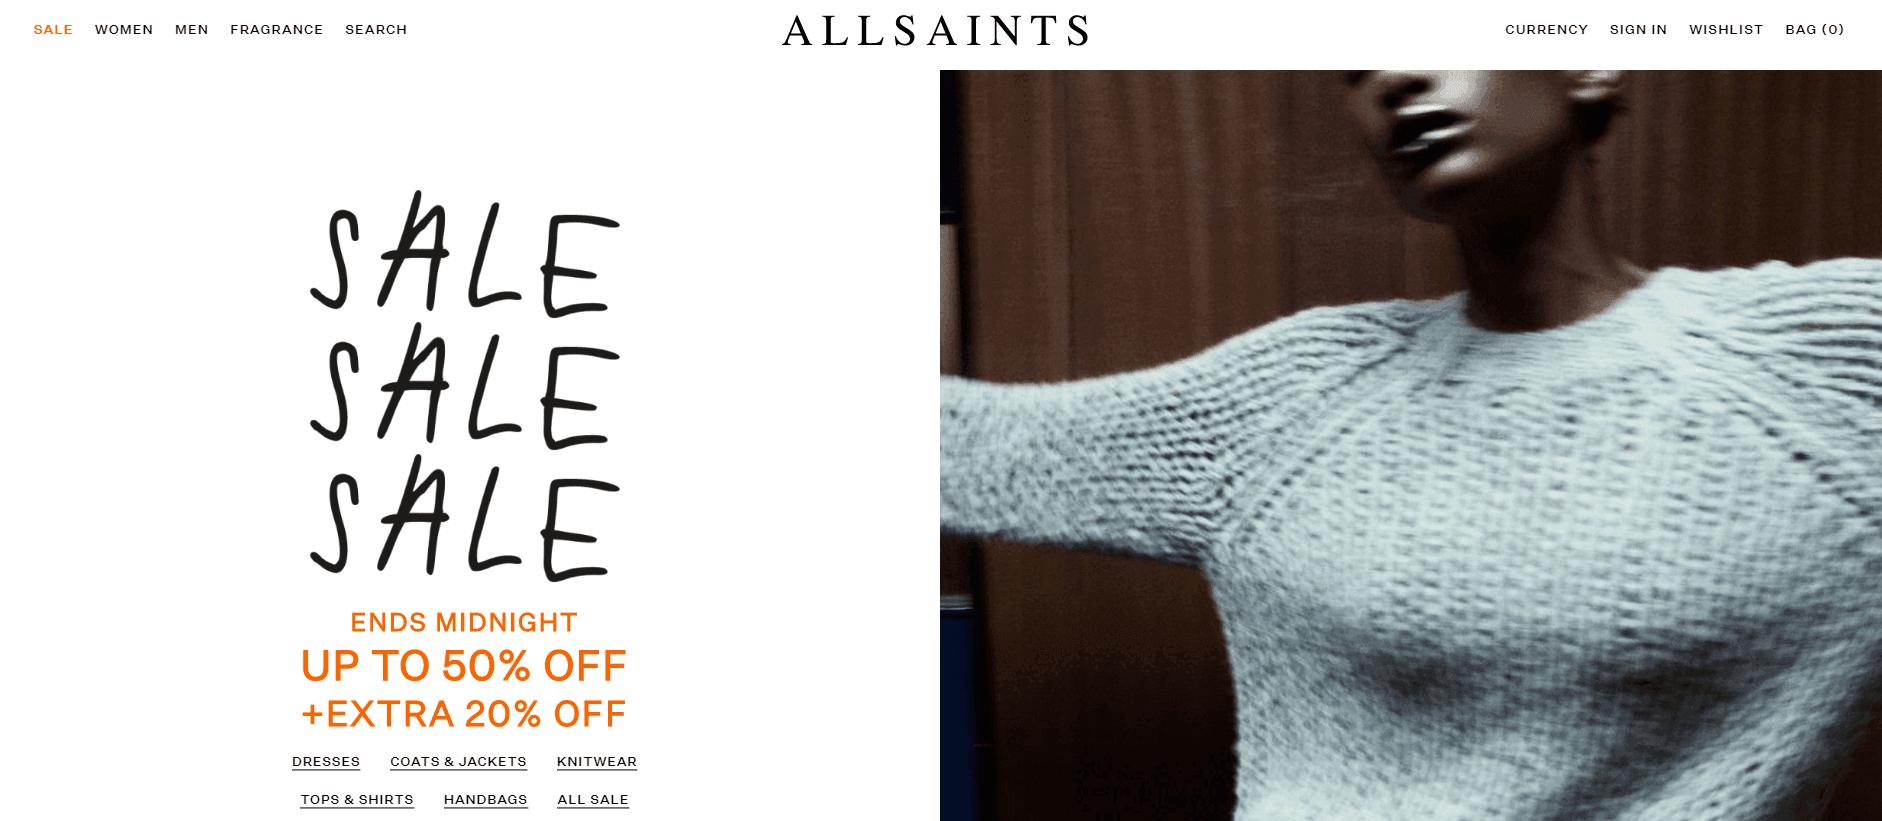 Покупка на Allsaints с доставкой в Казахстан ✔️ myMeest - 3